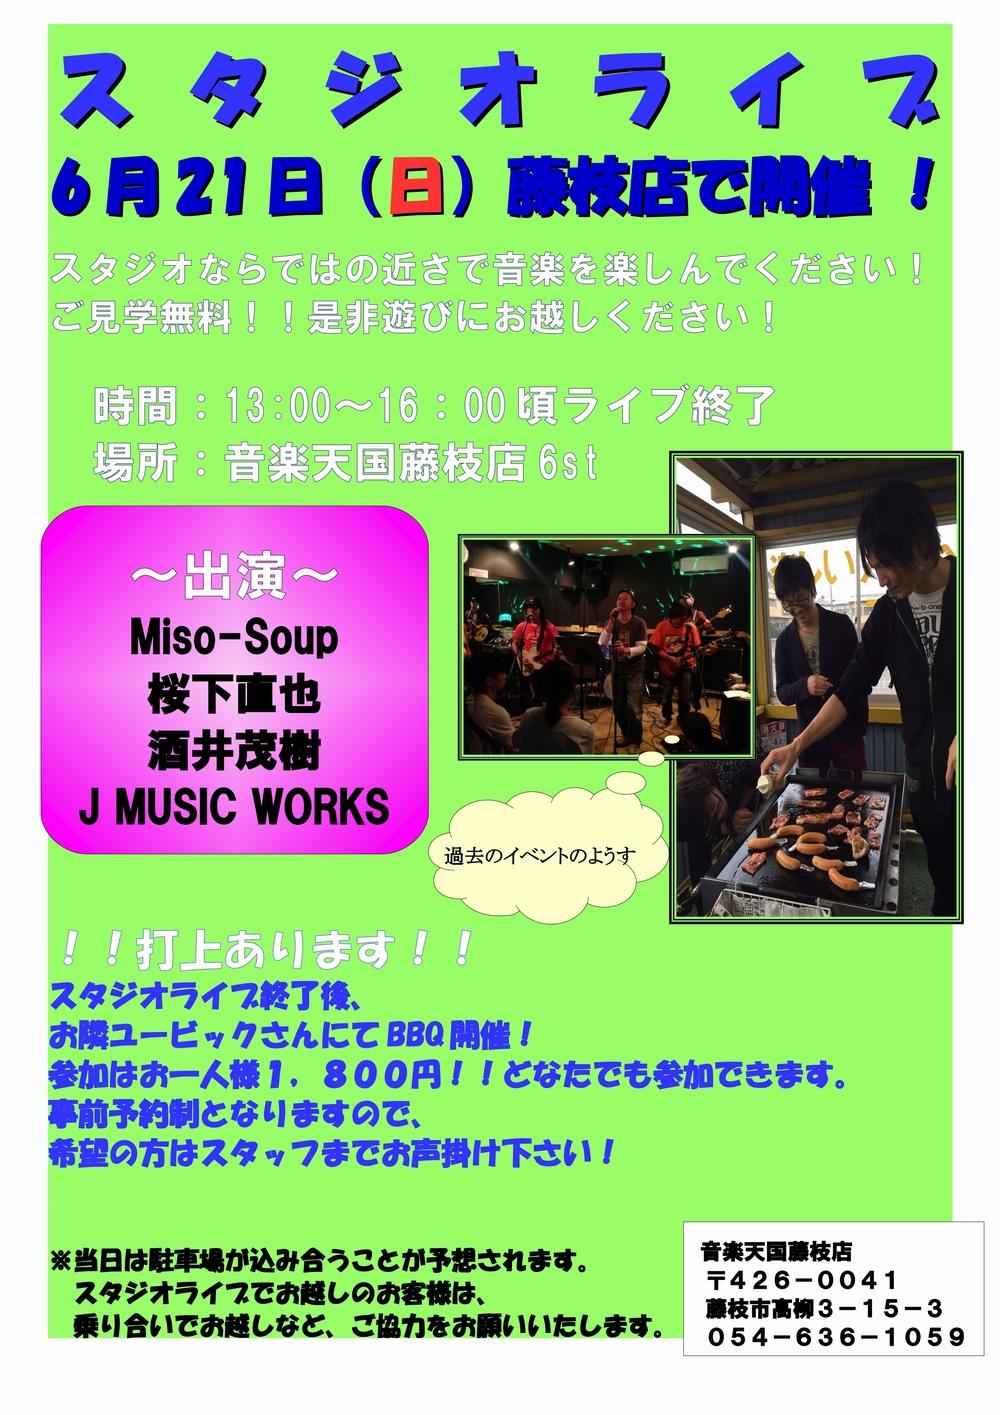 【スタジオライブ】音楽天国・藤枝店6月21日(日)開催